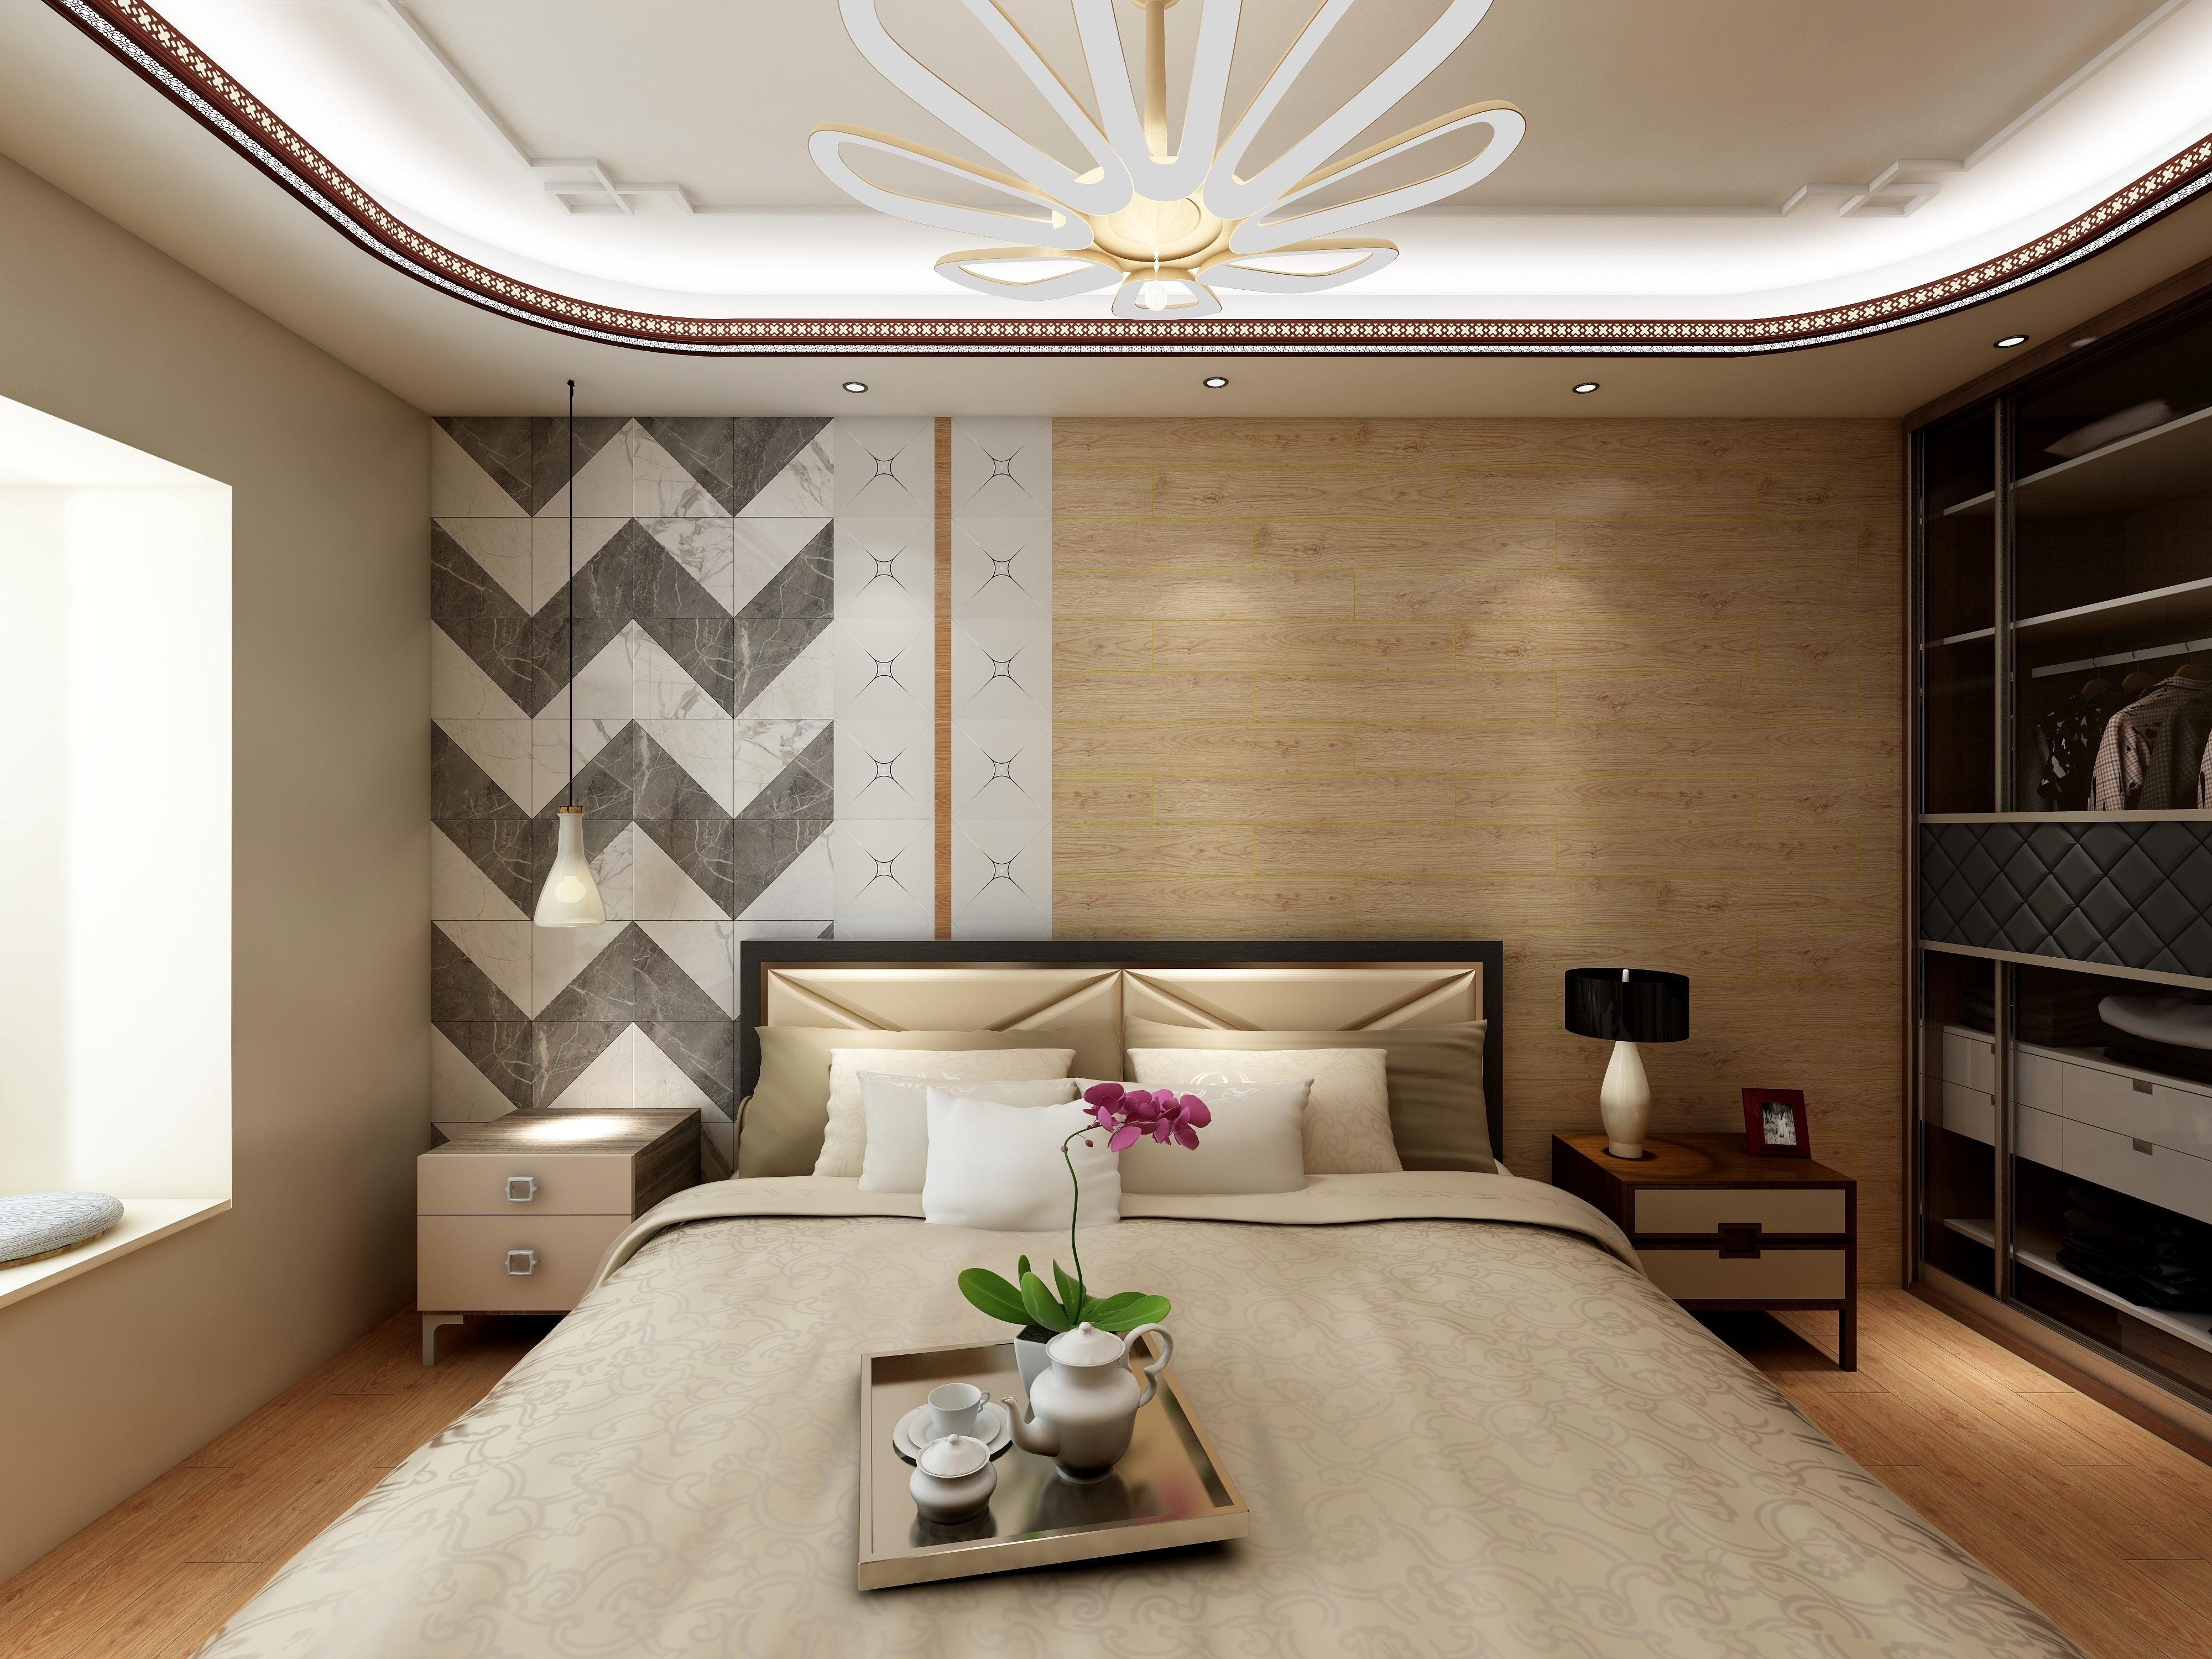 设计师-云飞|#品质生活#上海汤臣豪园新中式-设计师:云飞